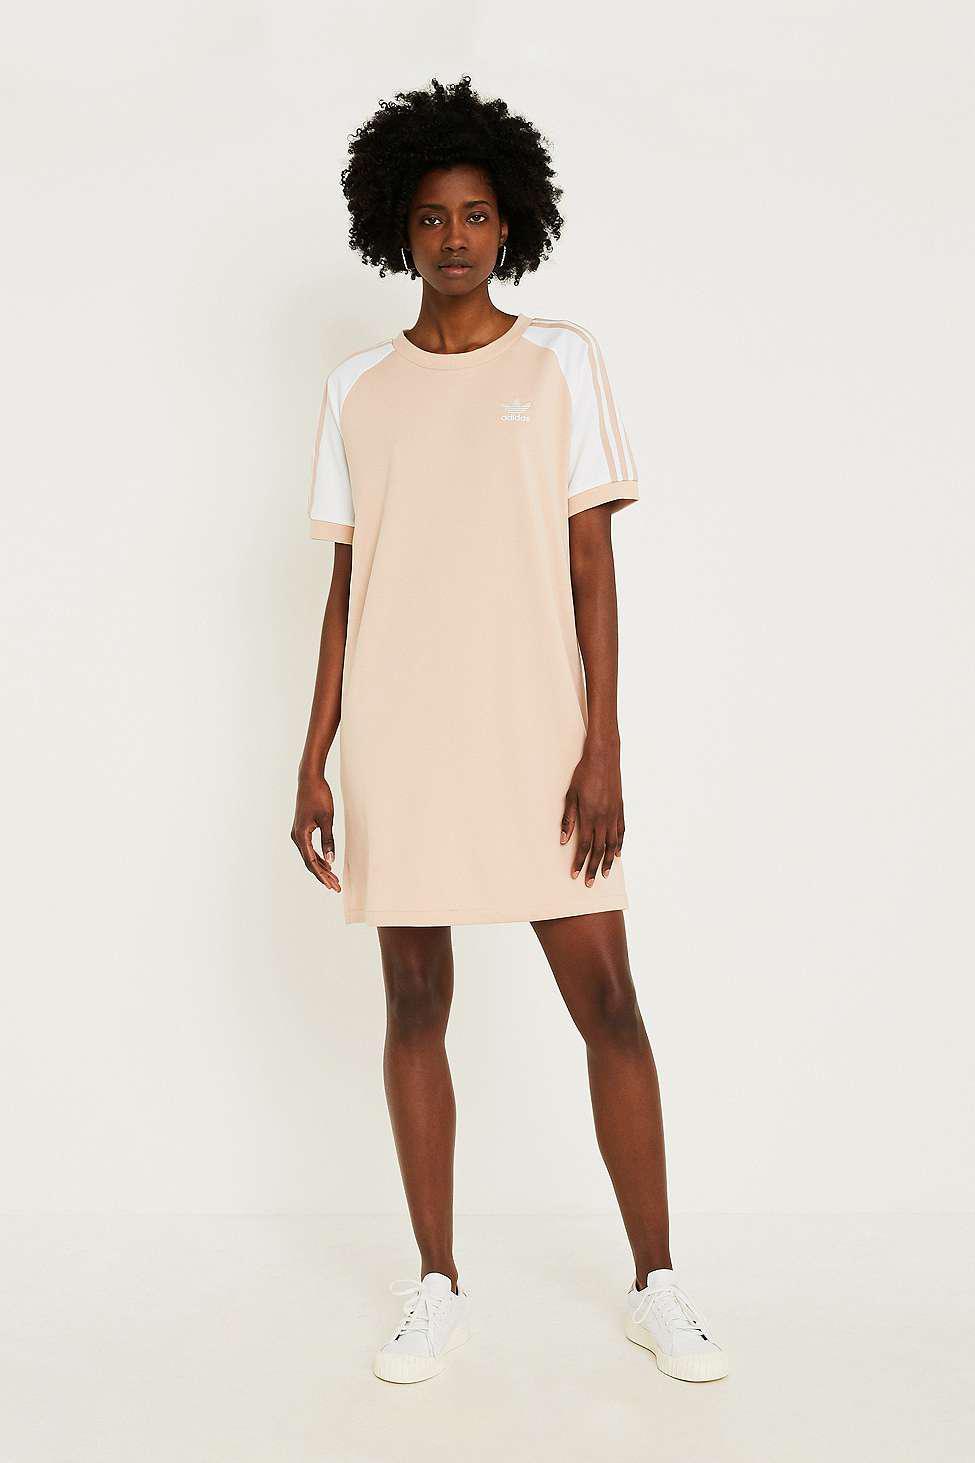 bd96e5961240a9 adidas Originals 3-stripe Pink Raglan Sleeve T-shirt Dress - Womens ...